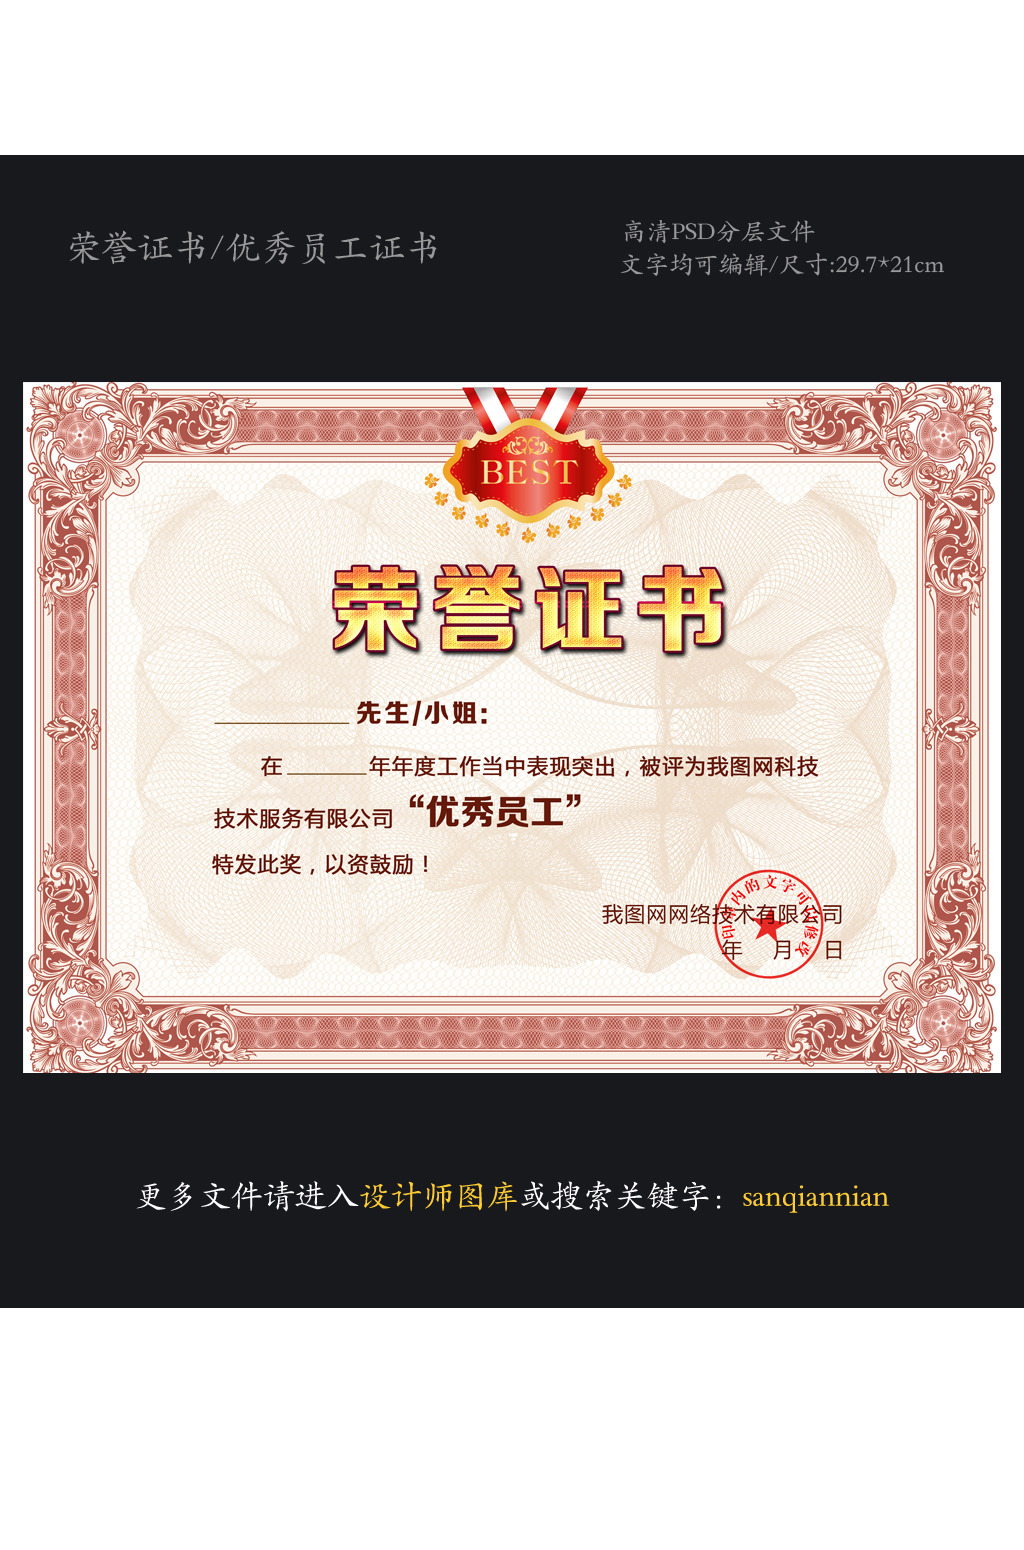 奖状 冠军奖 荣誉证书设计模板 获奖嘉宾 进步员工 最佳进步奖